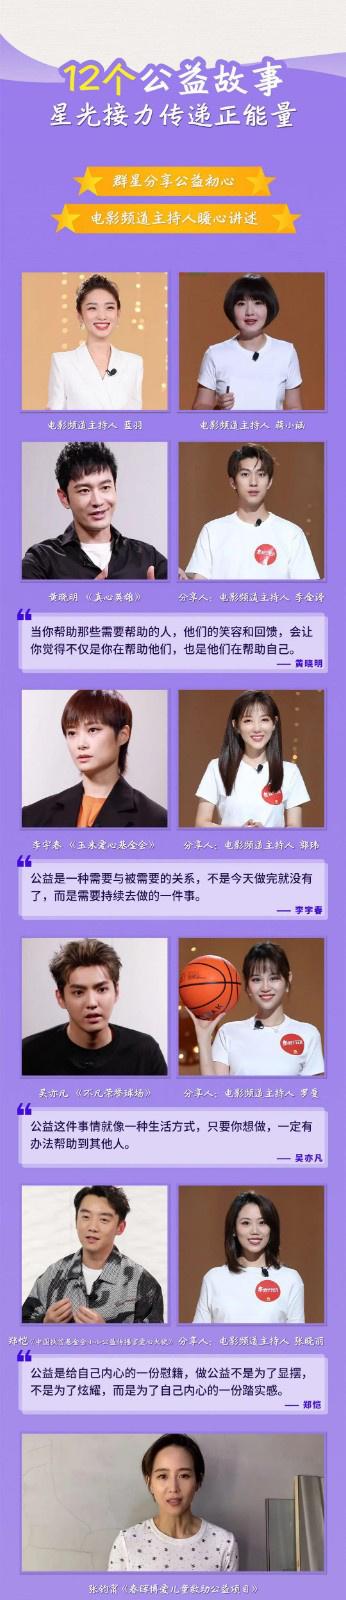 皇冠新现金网平台:爱的接力!电影频道携手群星讲述中国公益故事 第17张